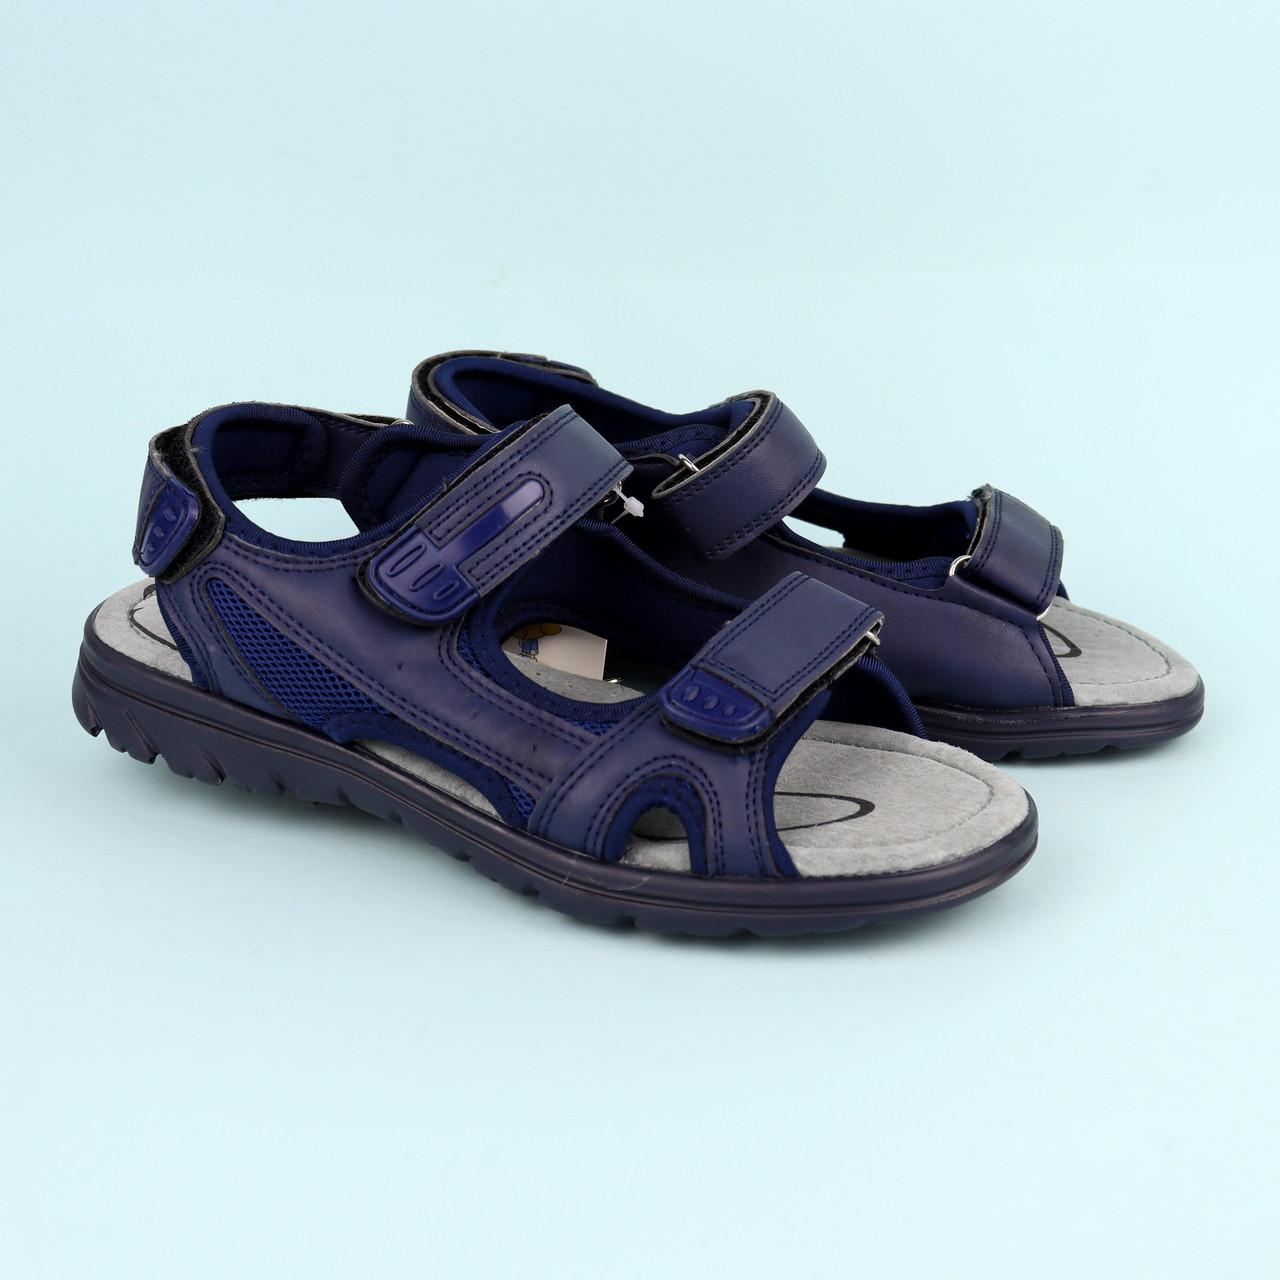 Синие босоножки сандалии на мальчика подростка Синие тм Томм р.36,37,38,39,40,41